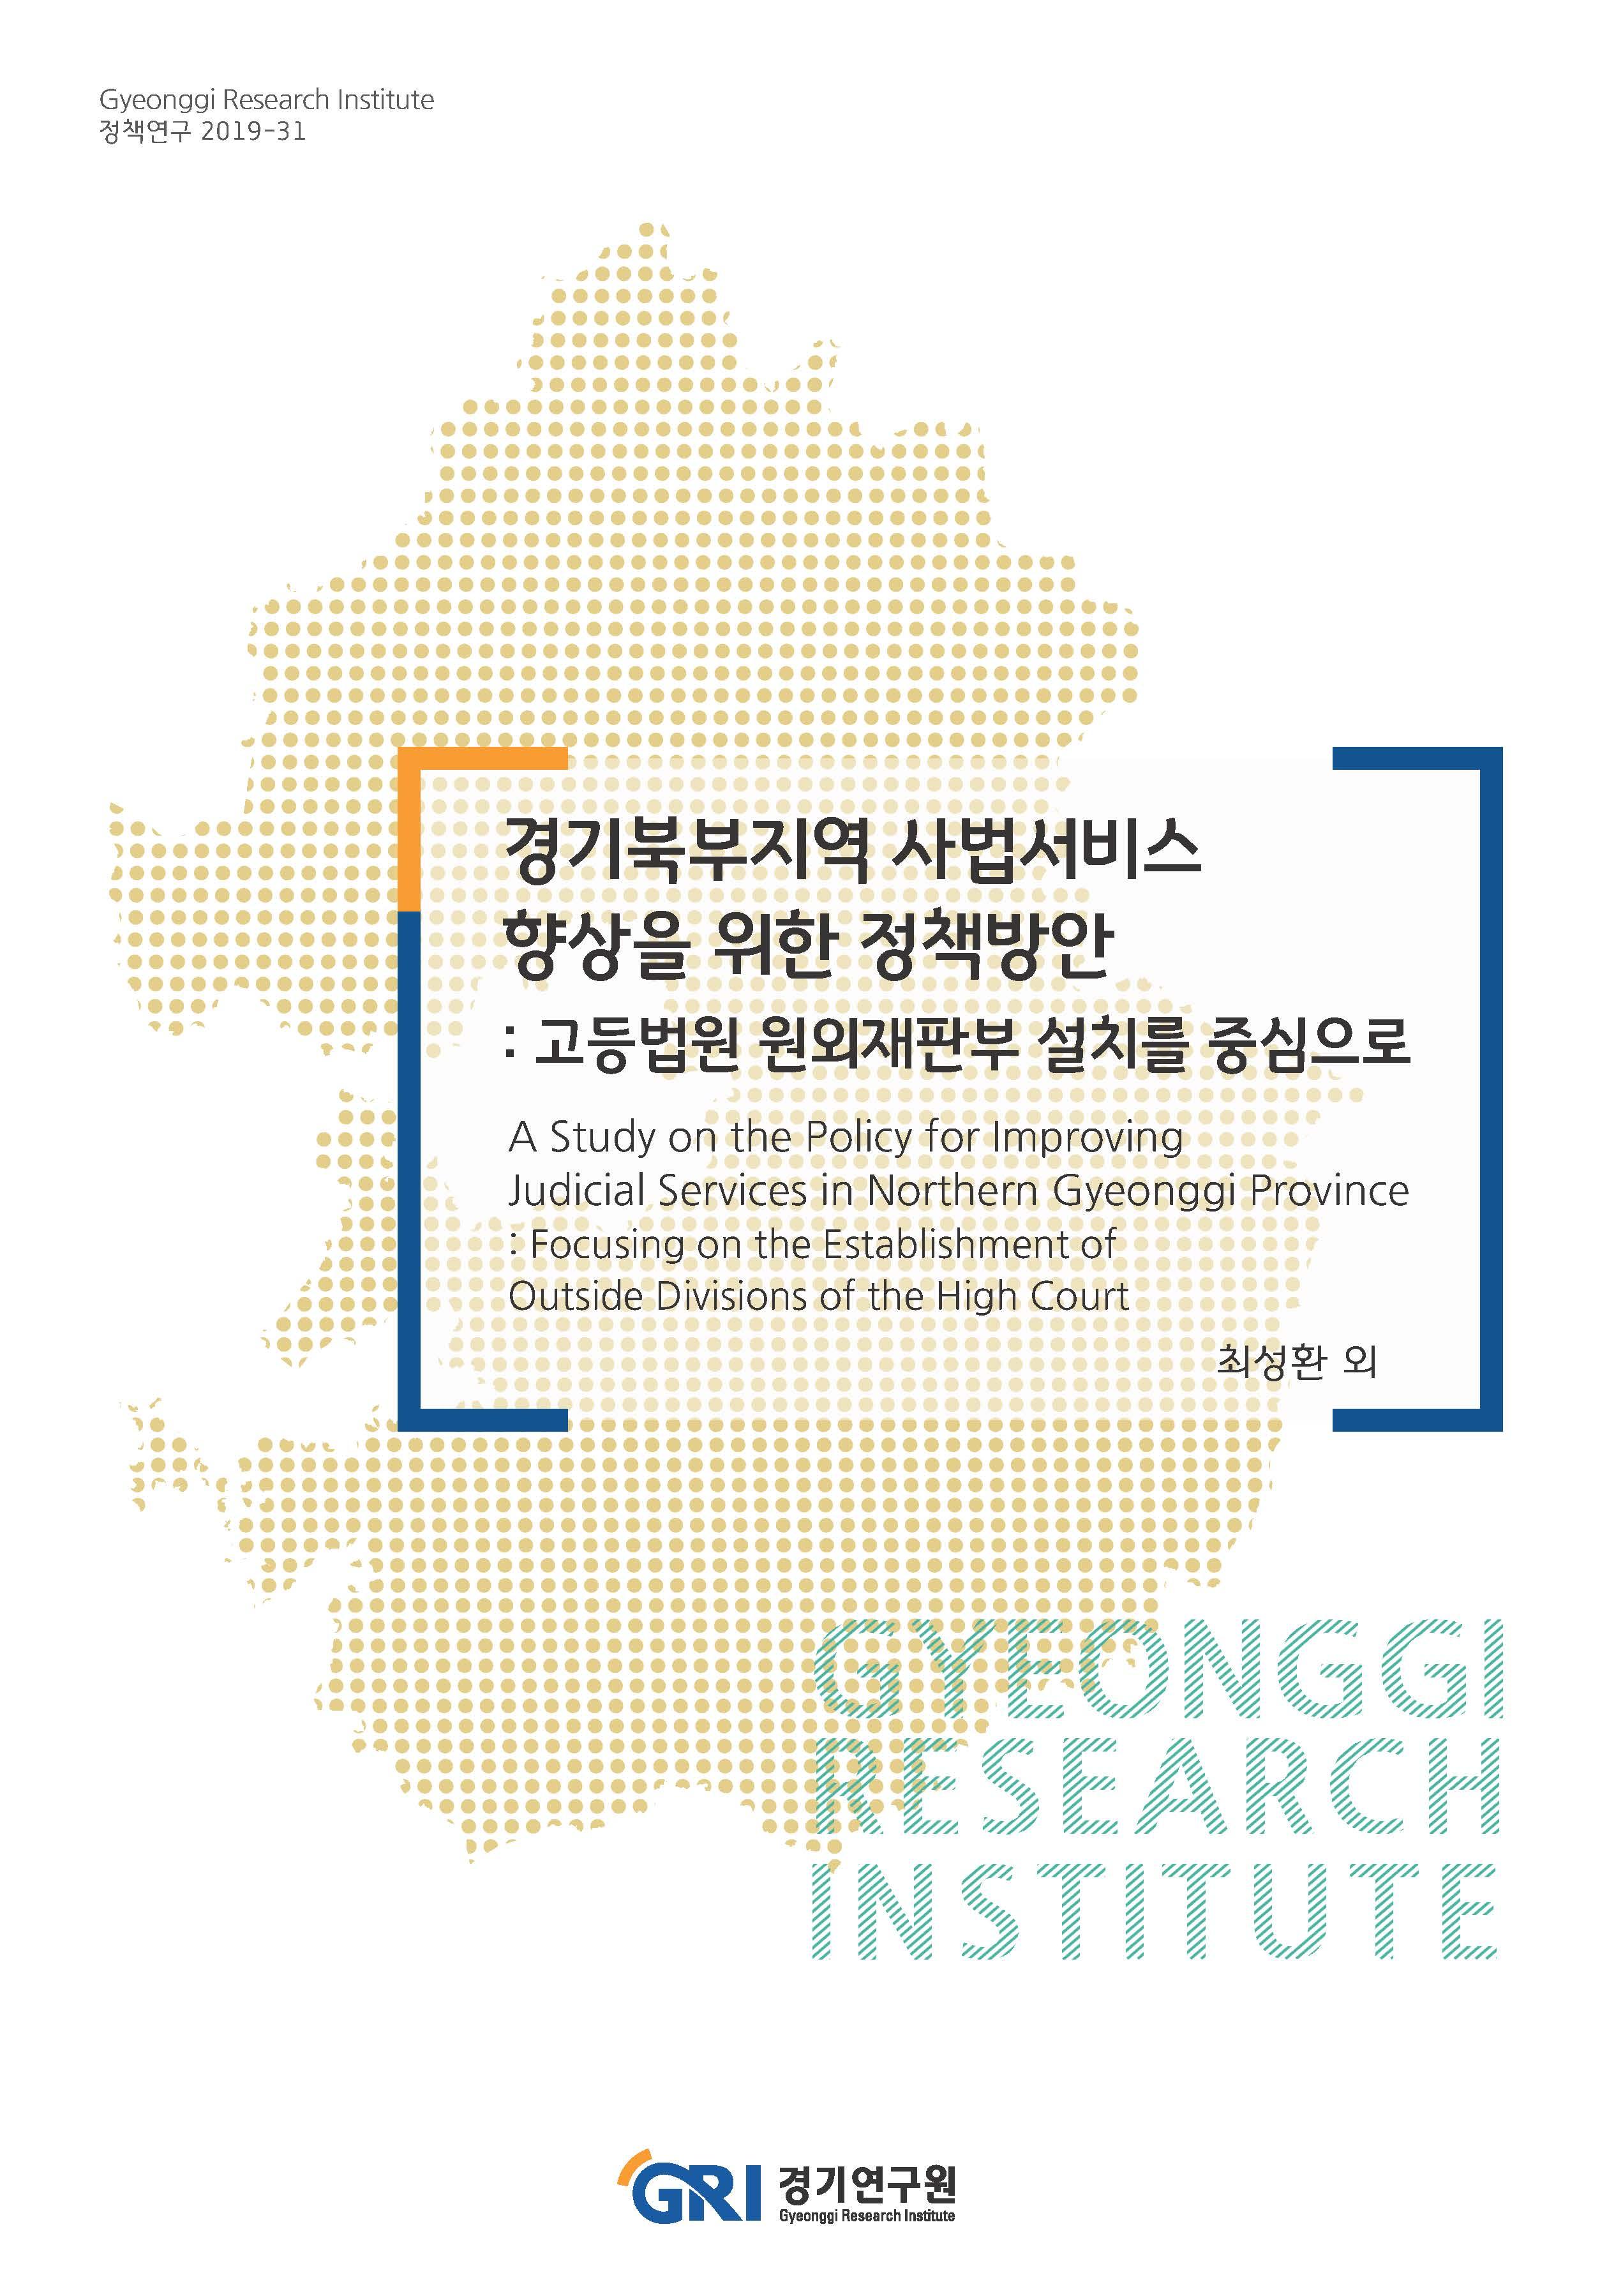 경기북부지역 사법서비스 향상을 위한 정책방안 : 고등법원 원외재판부 설치를 중심으로